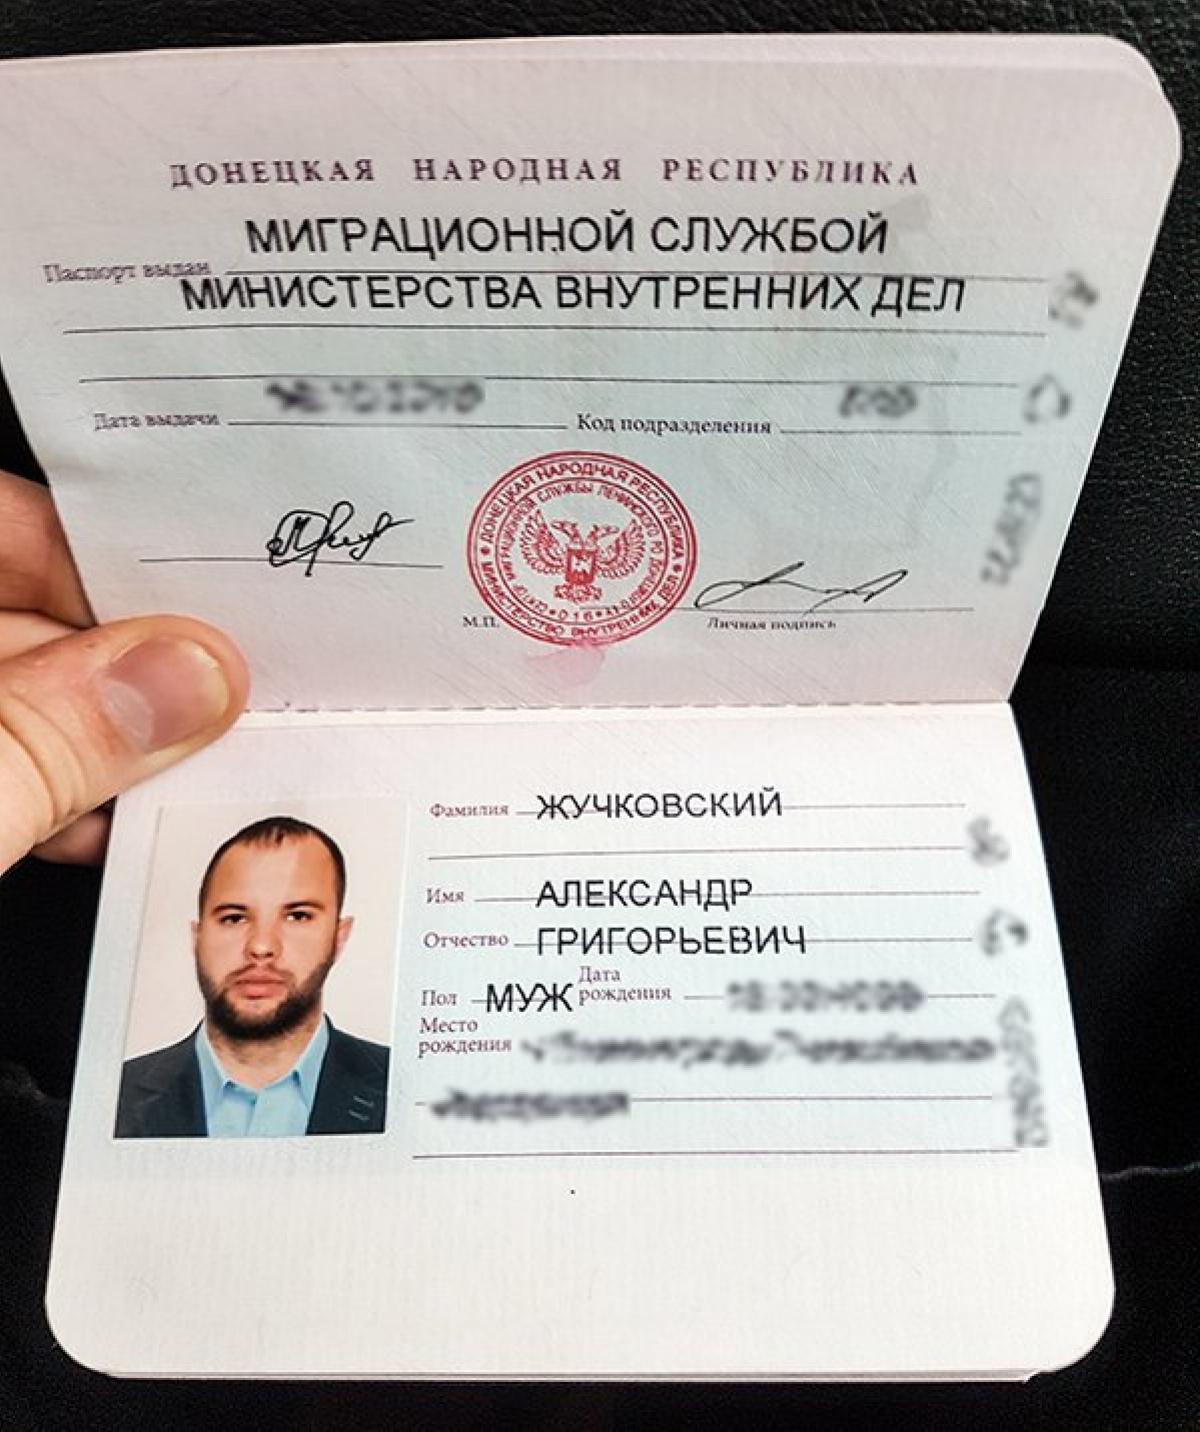 Я хочу получить паспорт рф в лнр как это сделать10